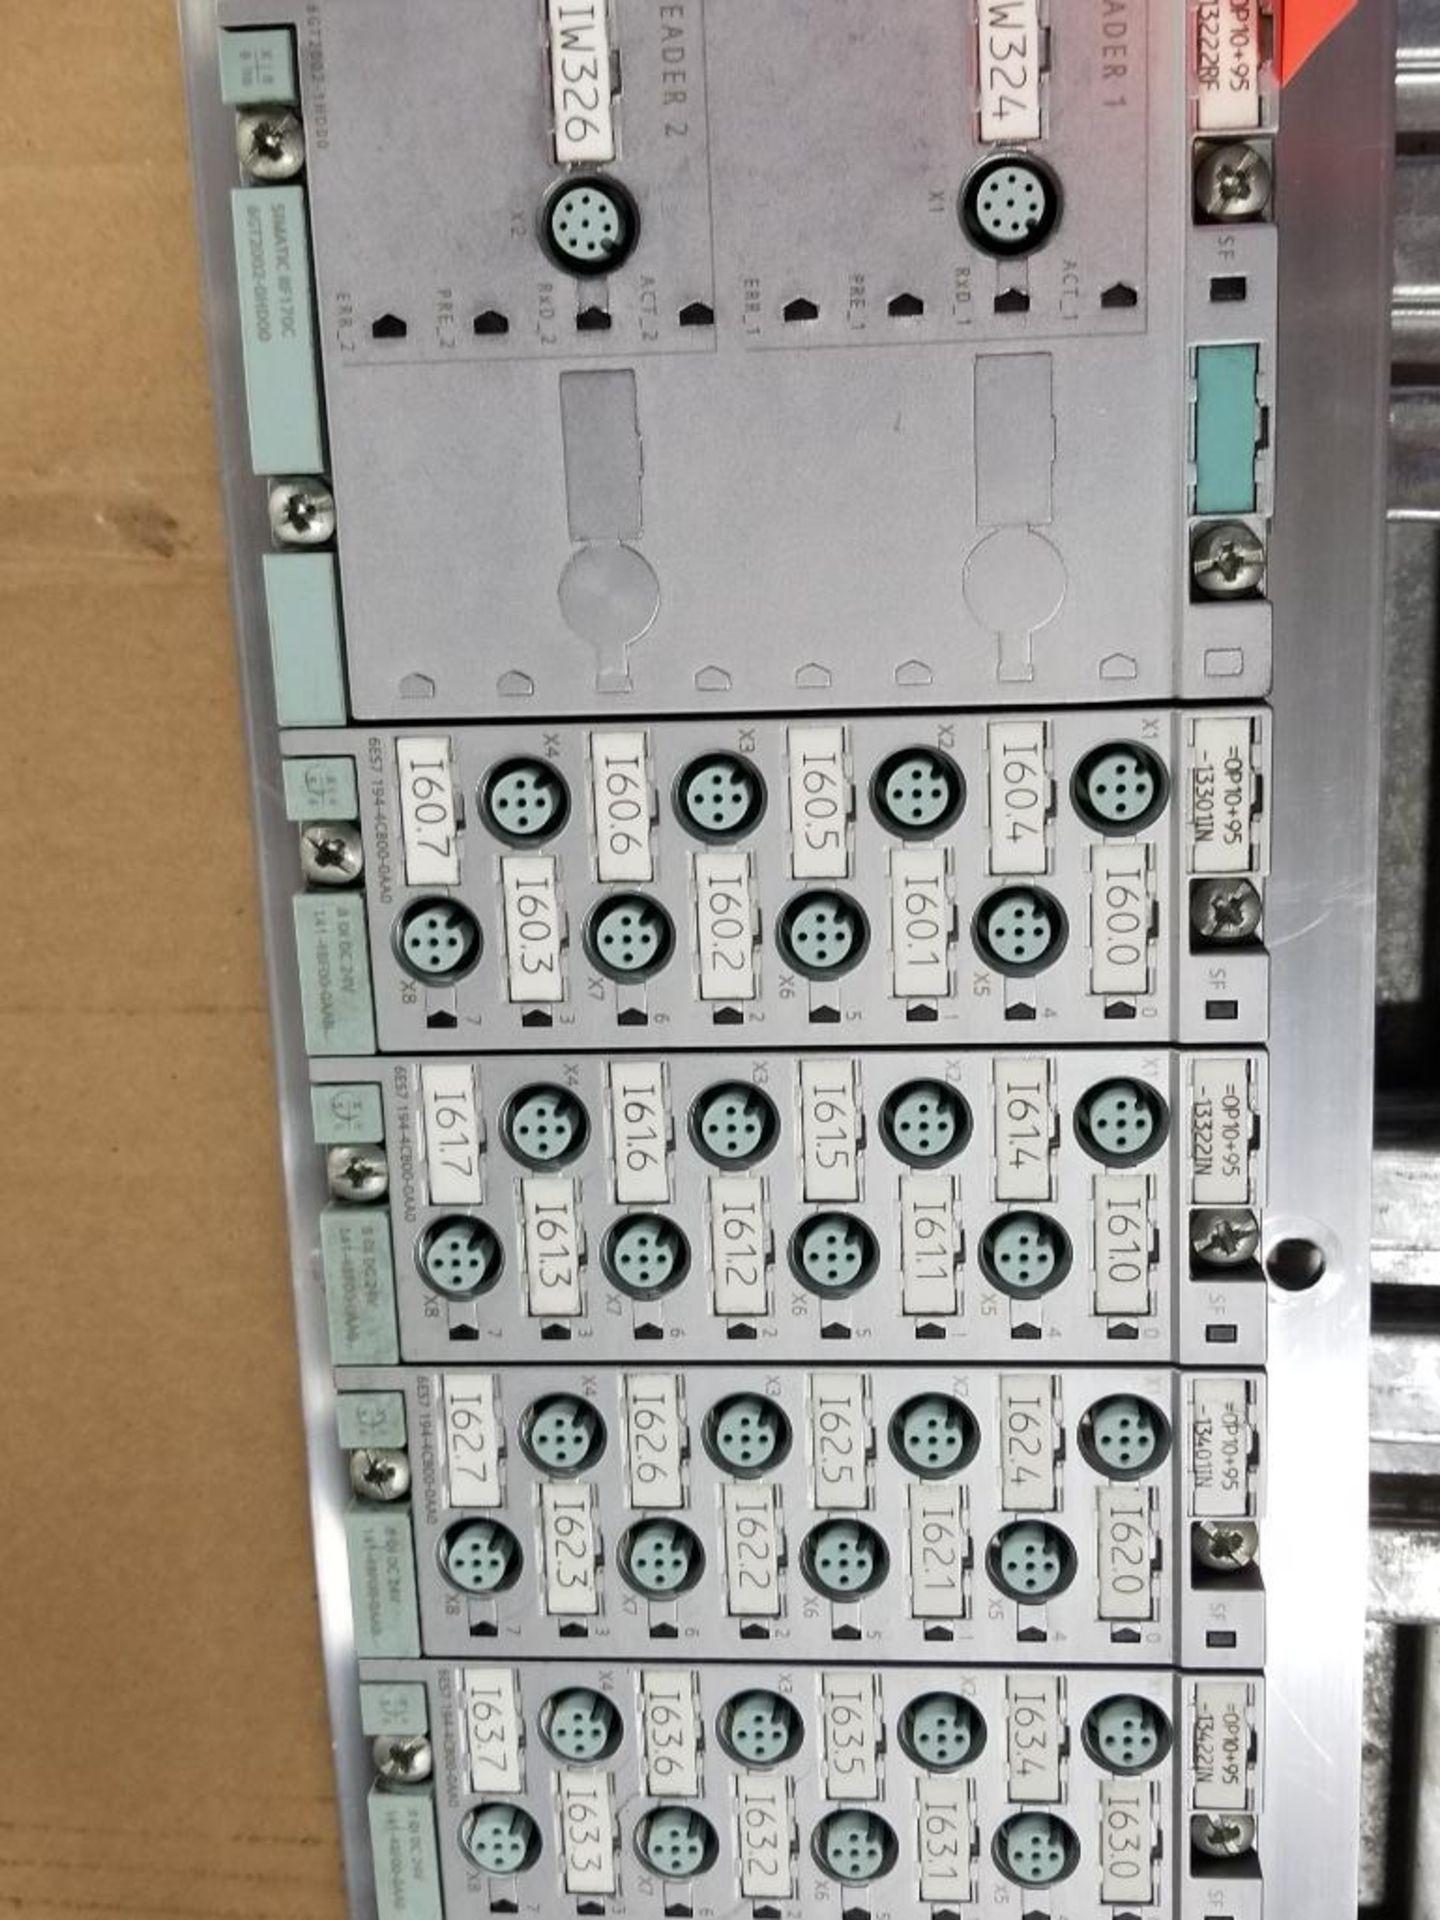 Siemens ET200-pro flow control line. 6ES7-154-1AA01-0AB0. - Image 3 of 5